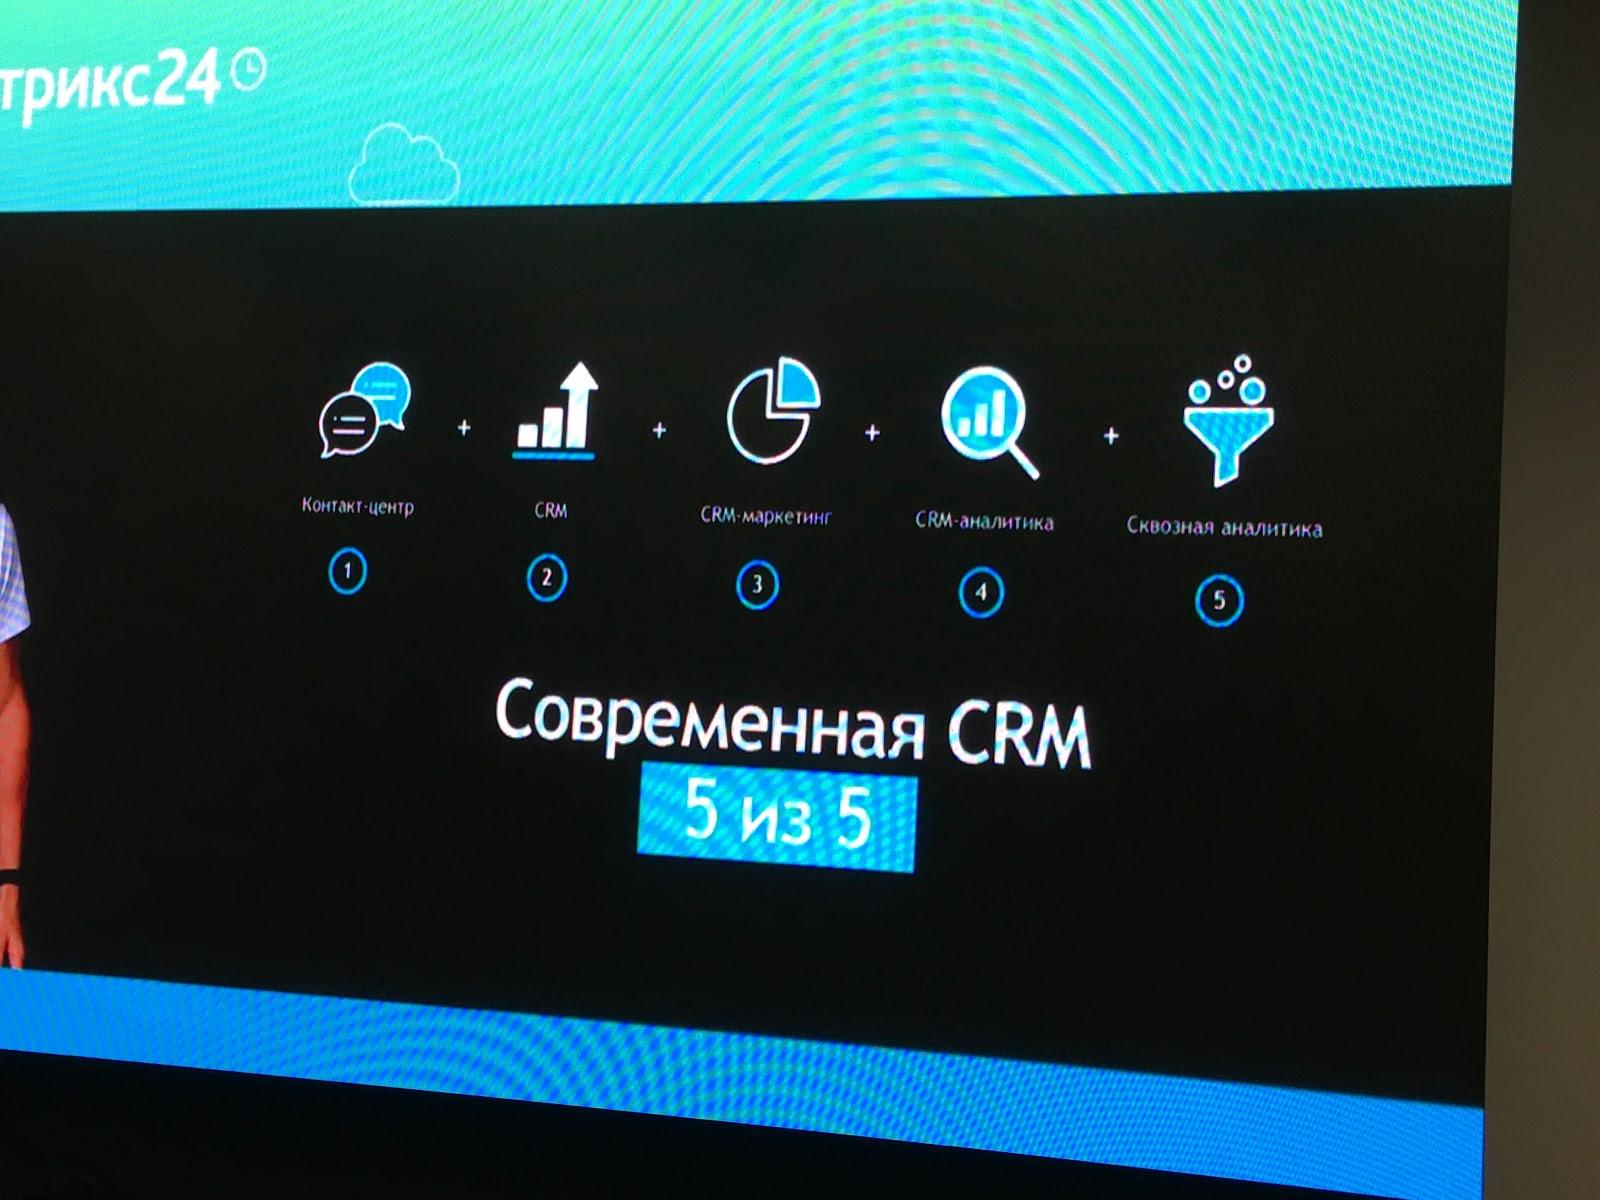 Современная CRM - 5 из 5!